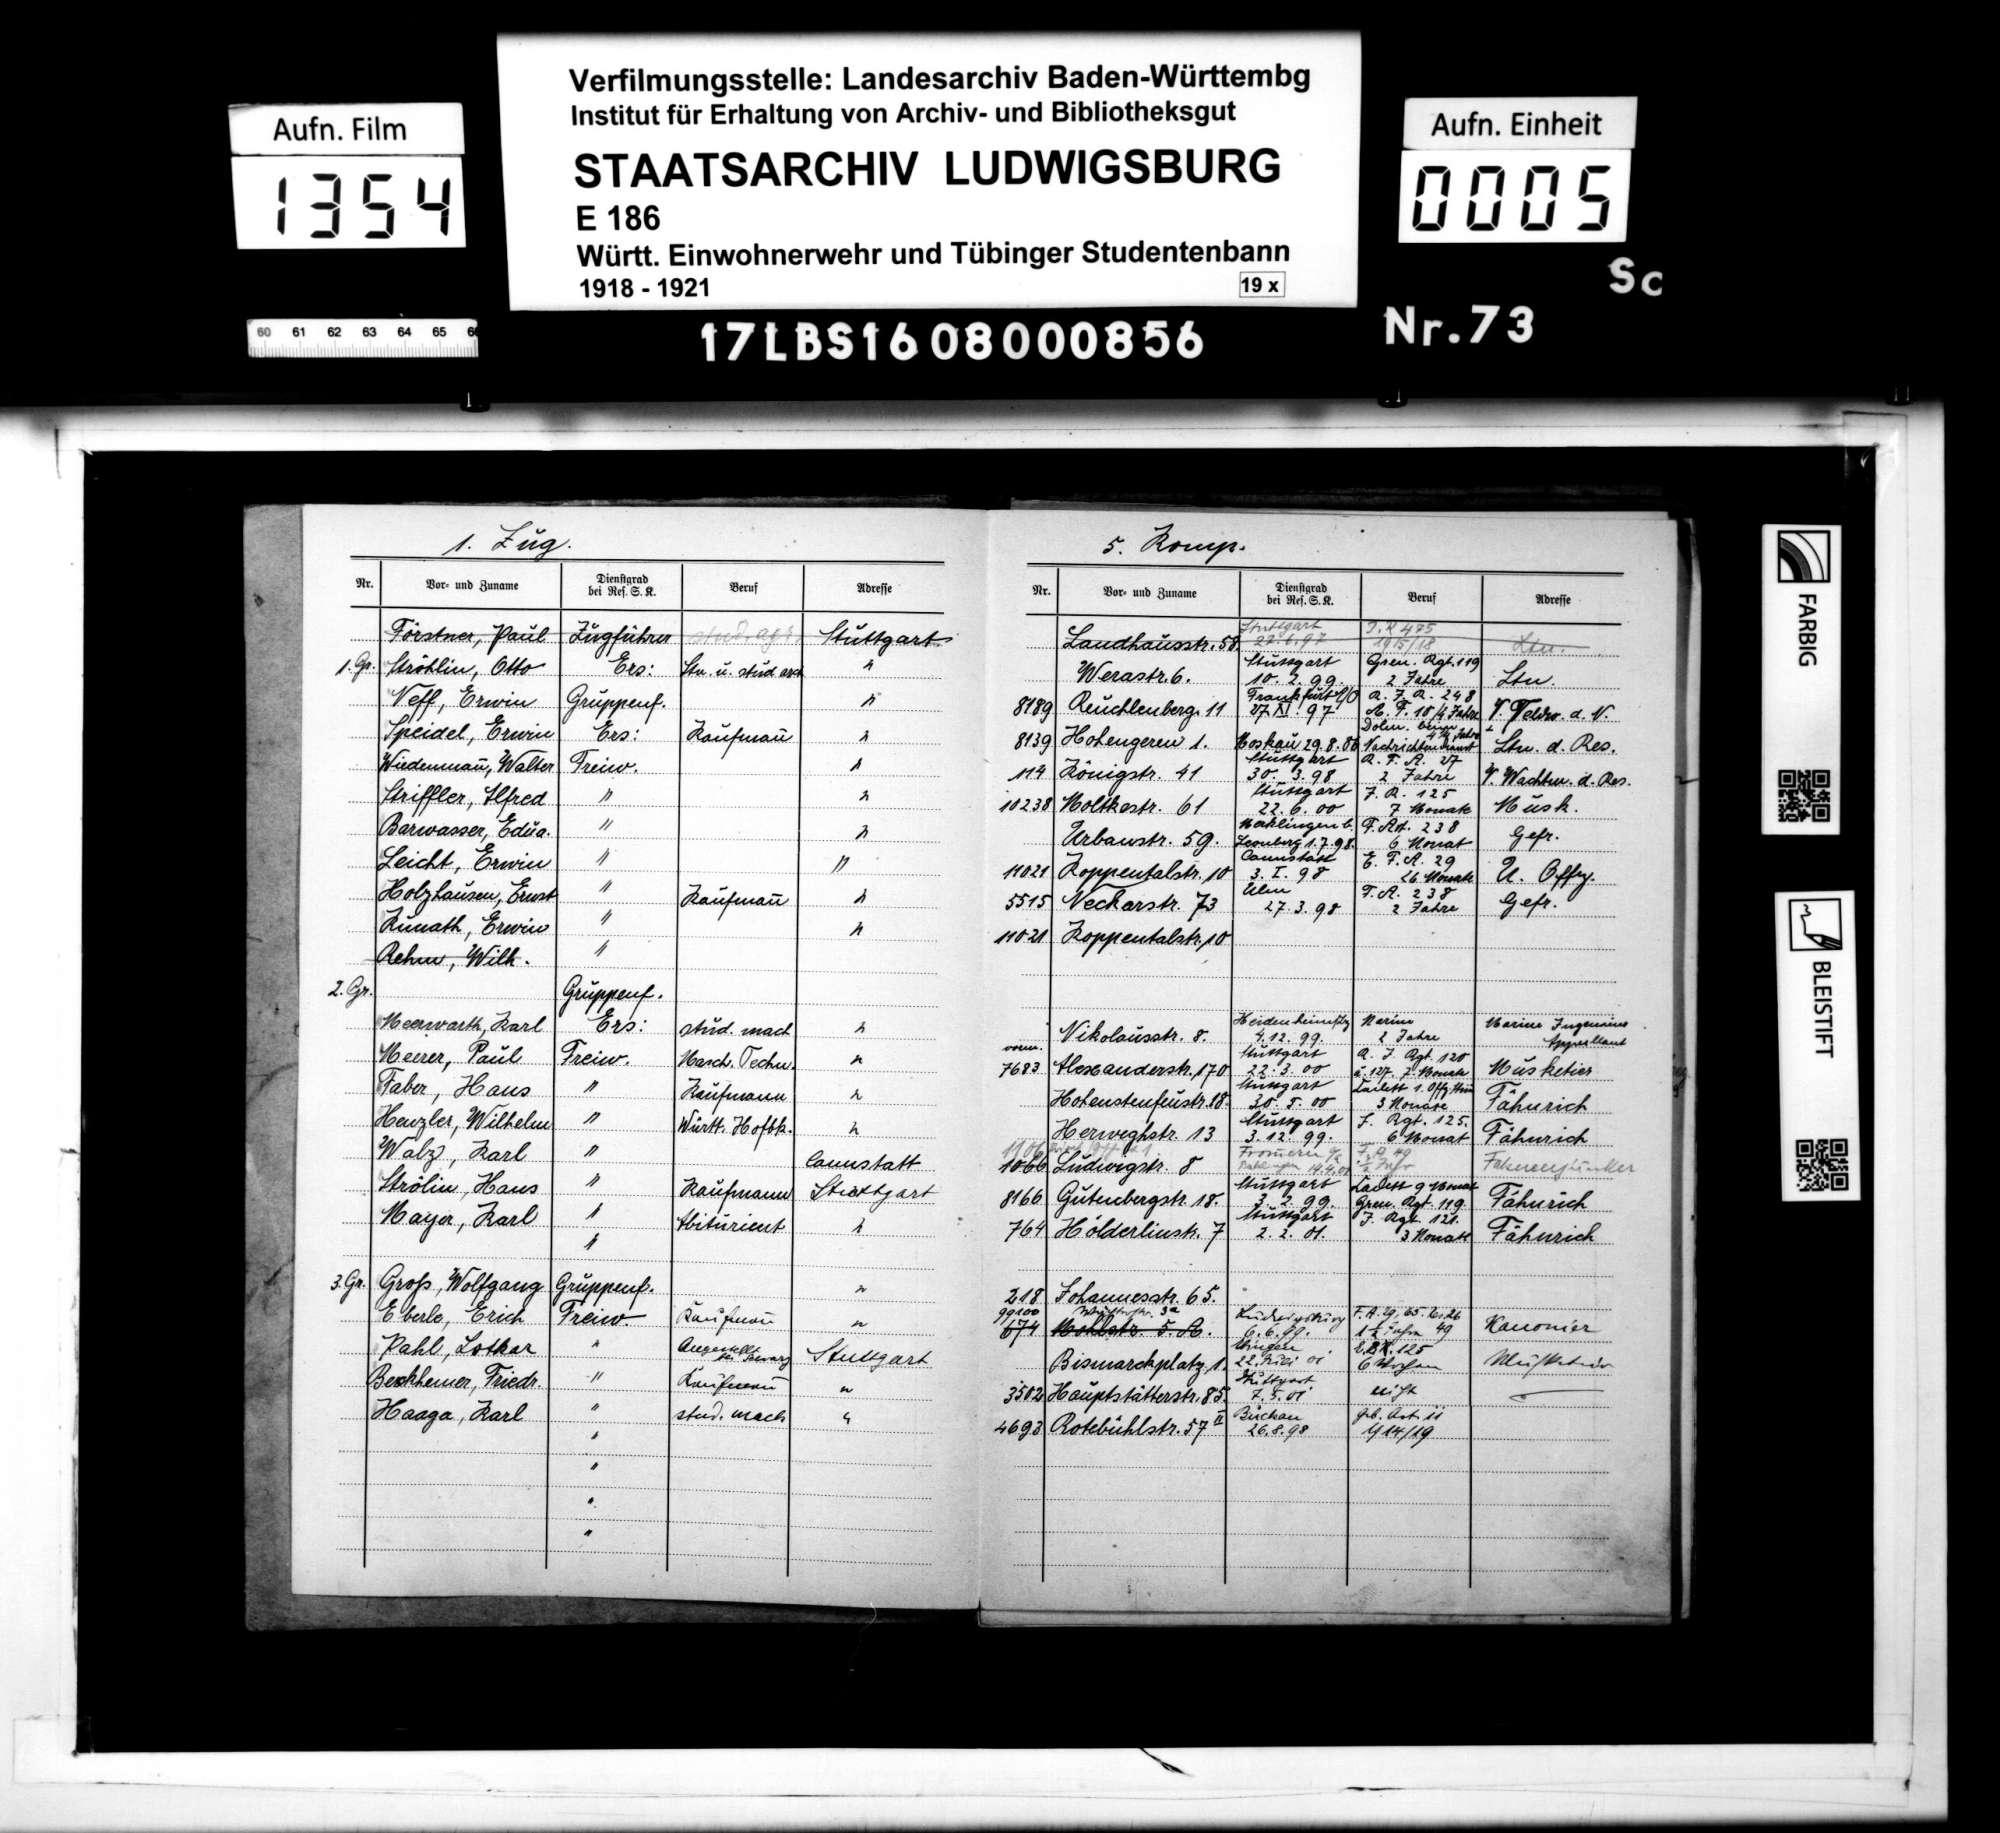 Kompanie-Liste der 5. Reserve-Sicherheits-Kompanie (Kompanieführer Keinert), Bild 2